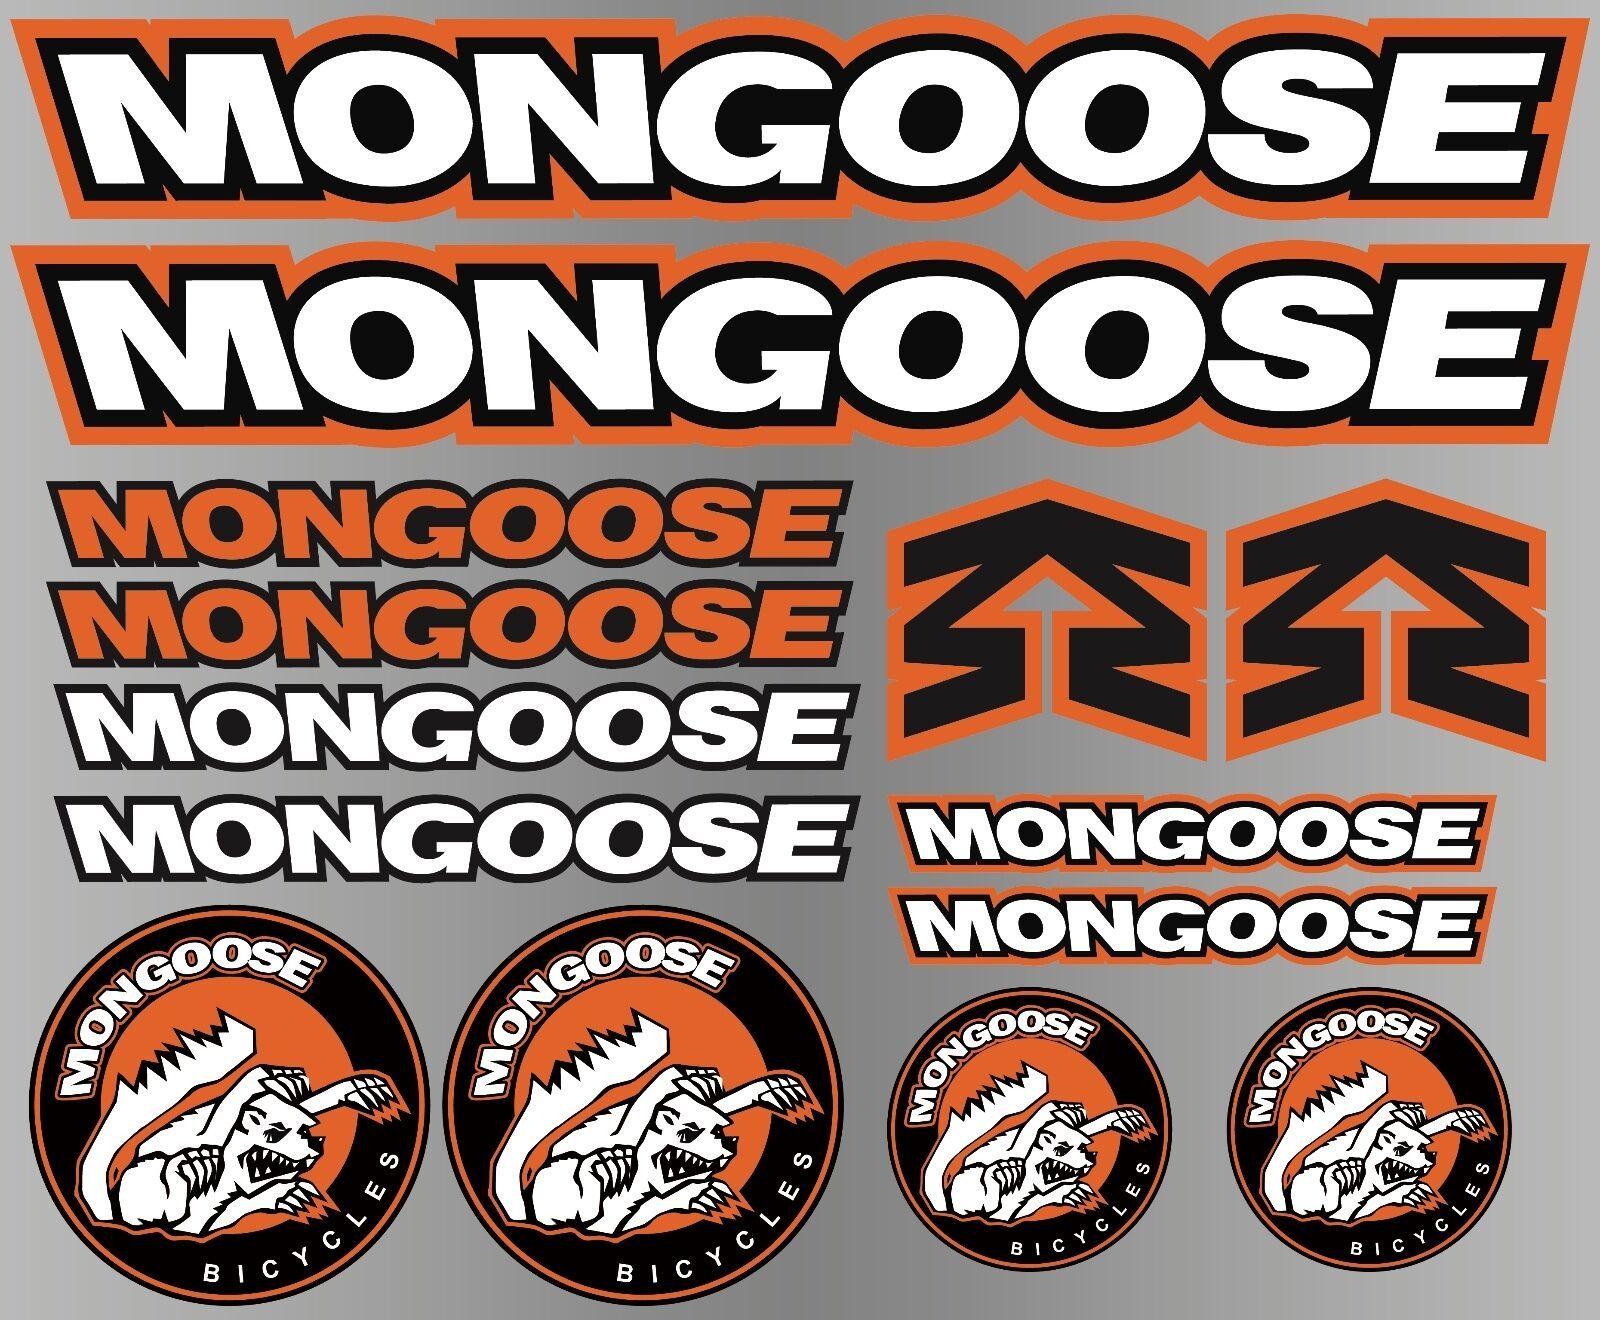 Mongoose Decals Stickers Sheet Cycling Mtb Bmx Road Bike Printed Logo Ebay Bmx Mongoose Mongoose Bike [ 1320 x 1600 Pixel ]